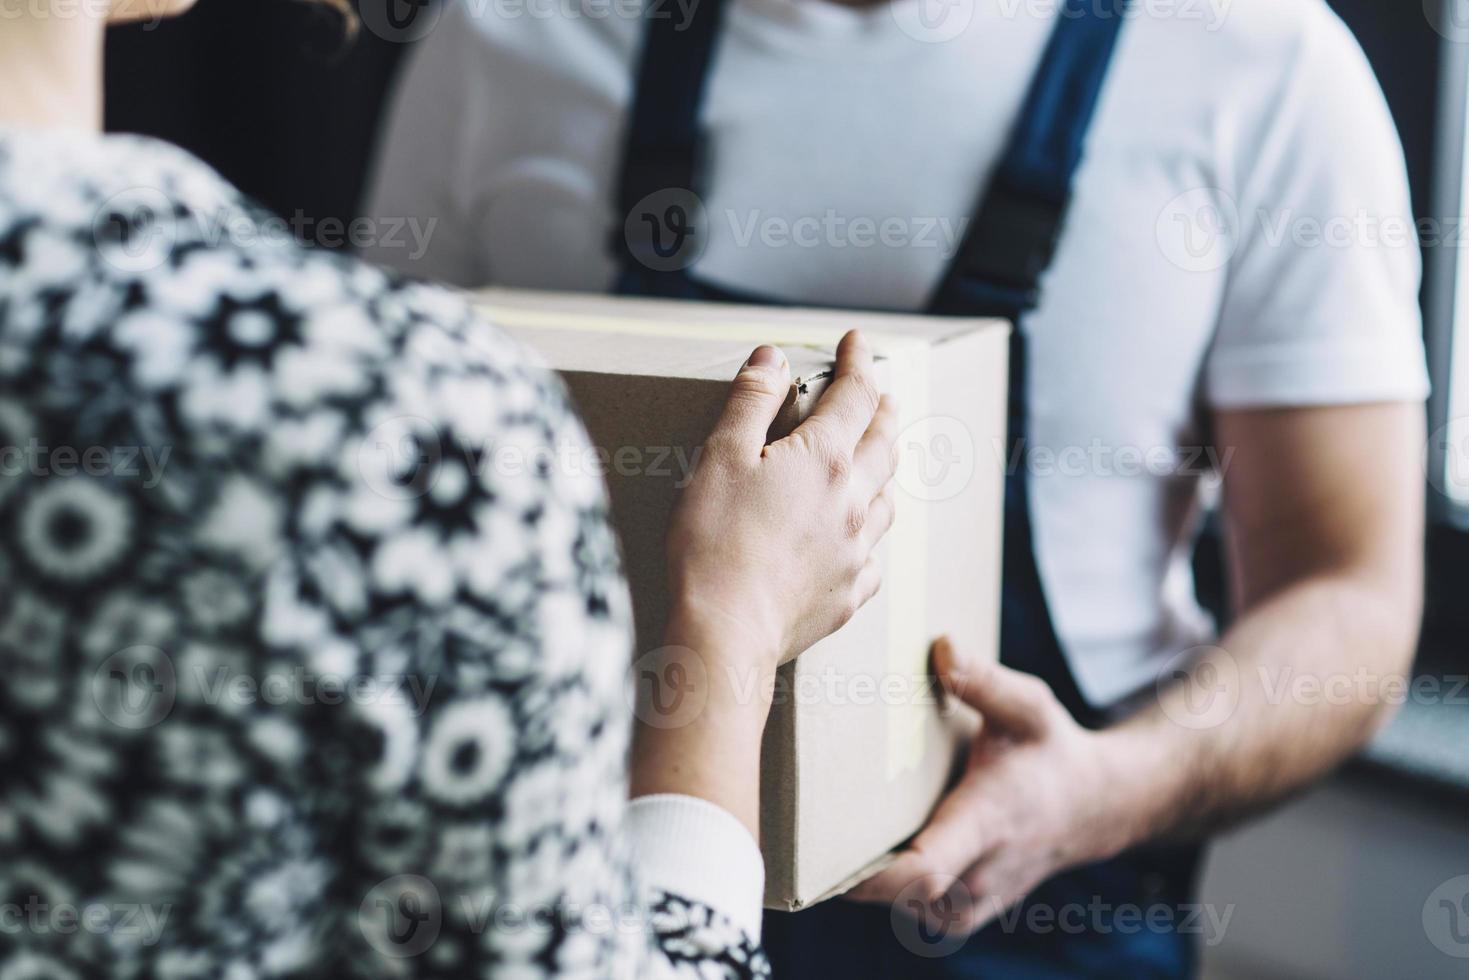 beskuren kvinna tar emot paketet foto